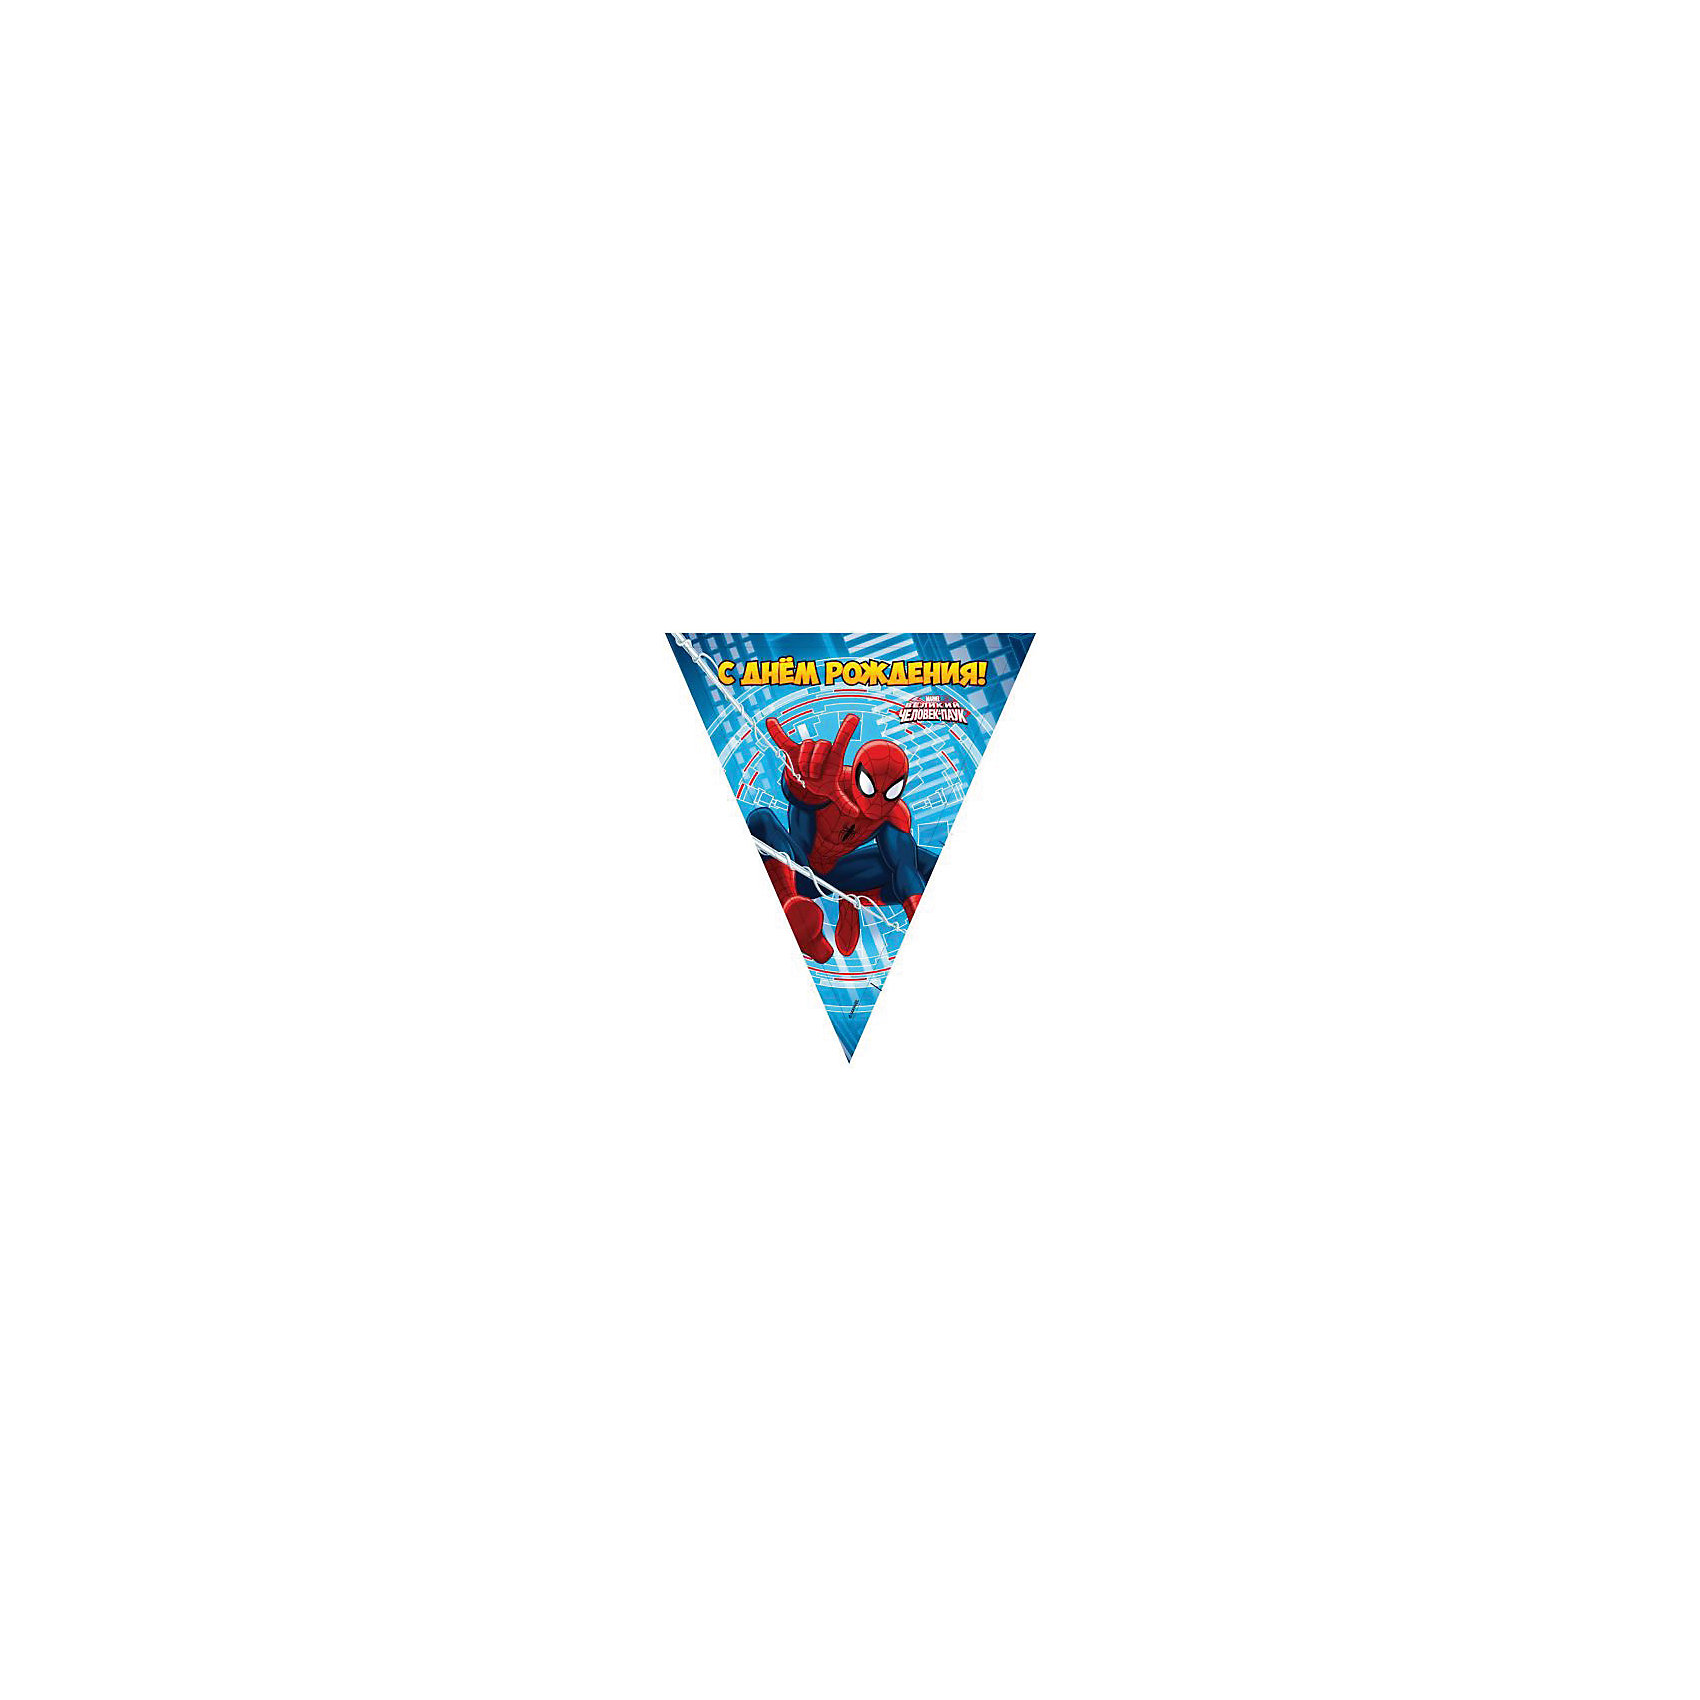 Веселый праздник Гирлянда-флаги Человек-Паук в какой аптеке города губкинска можно купить стрептоцид